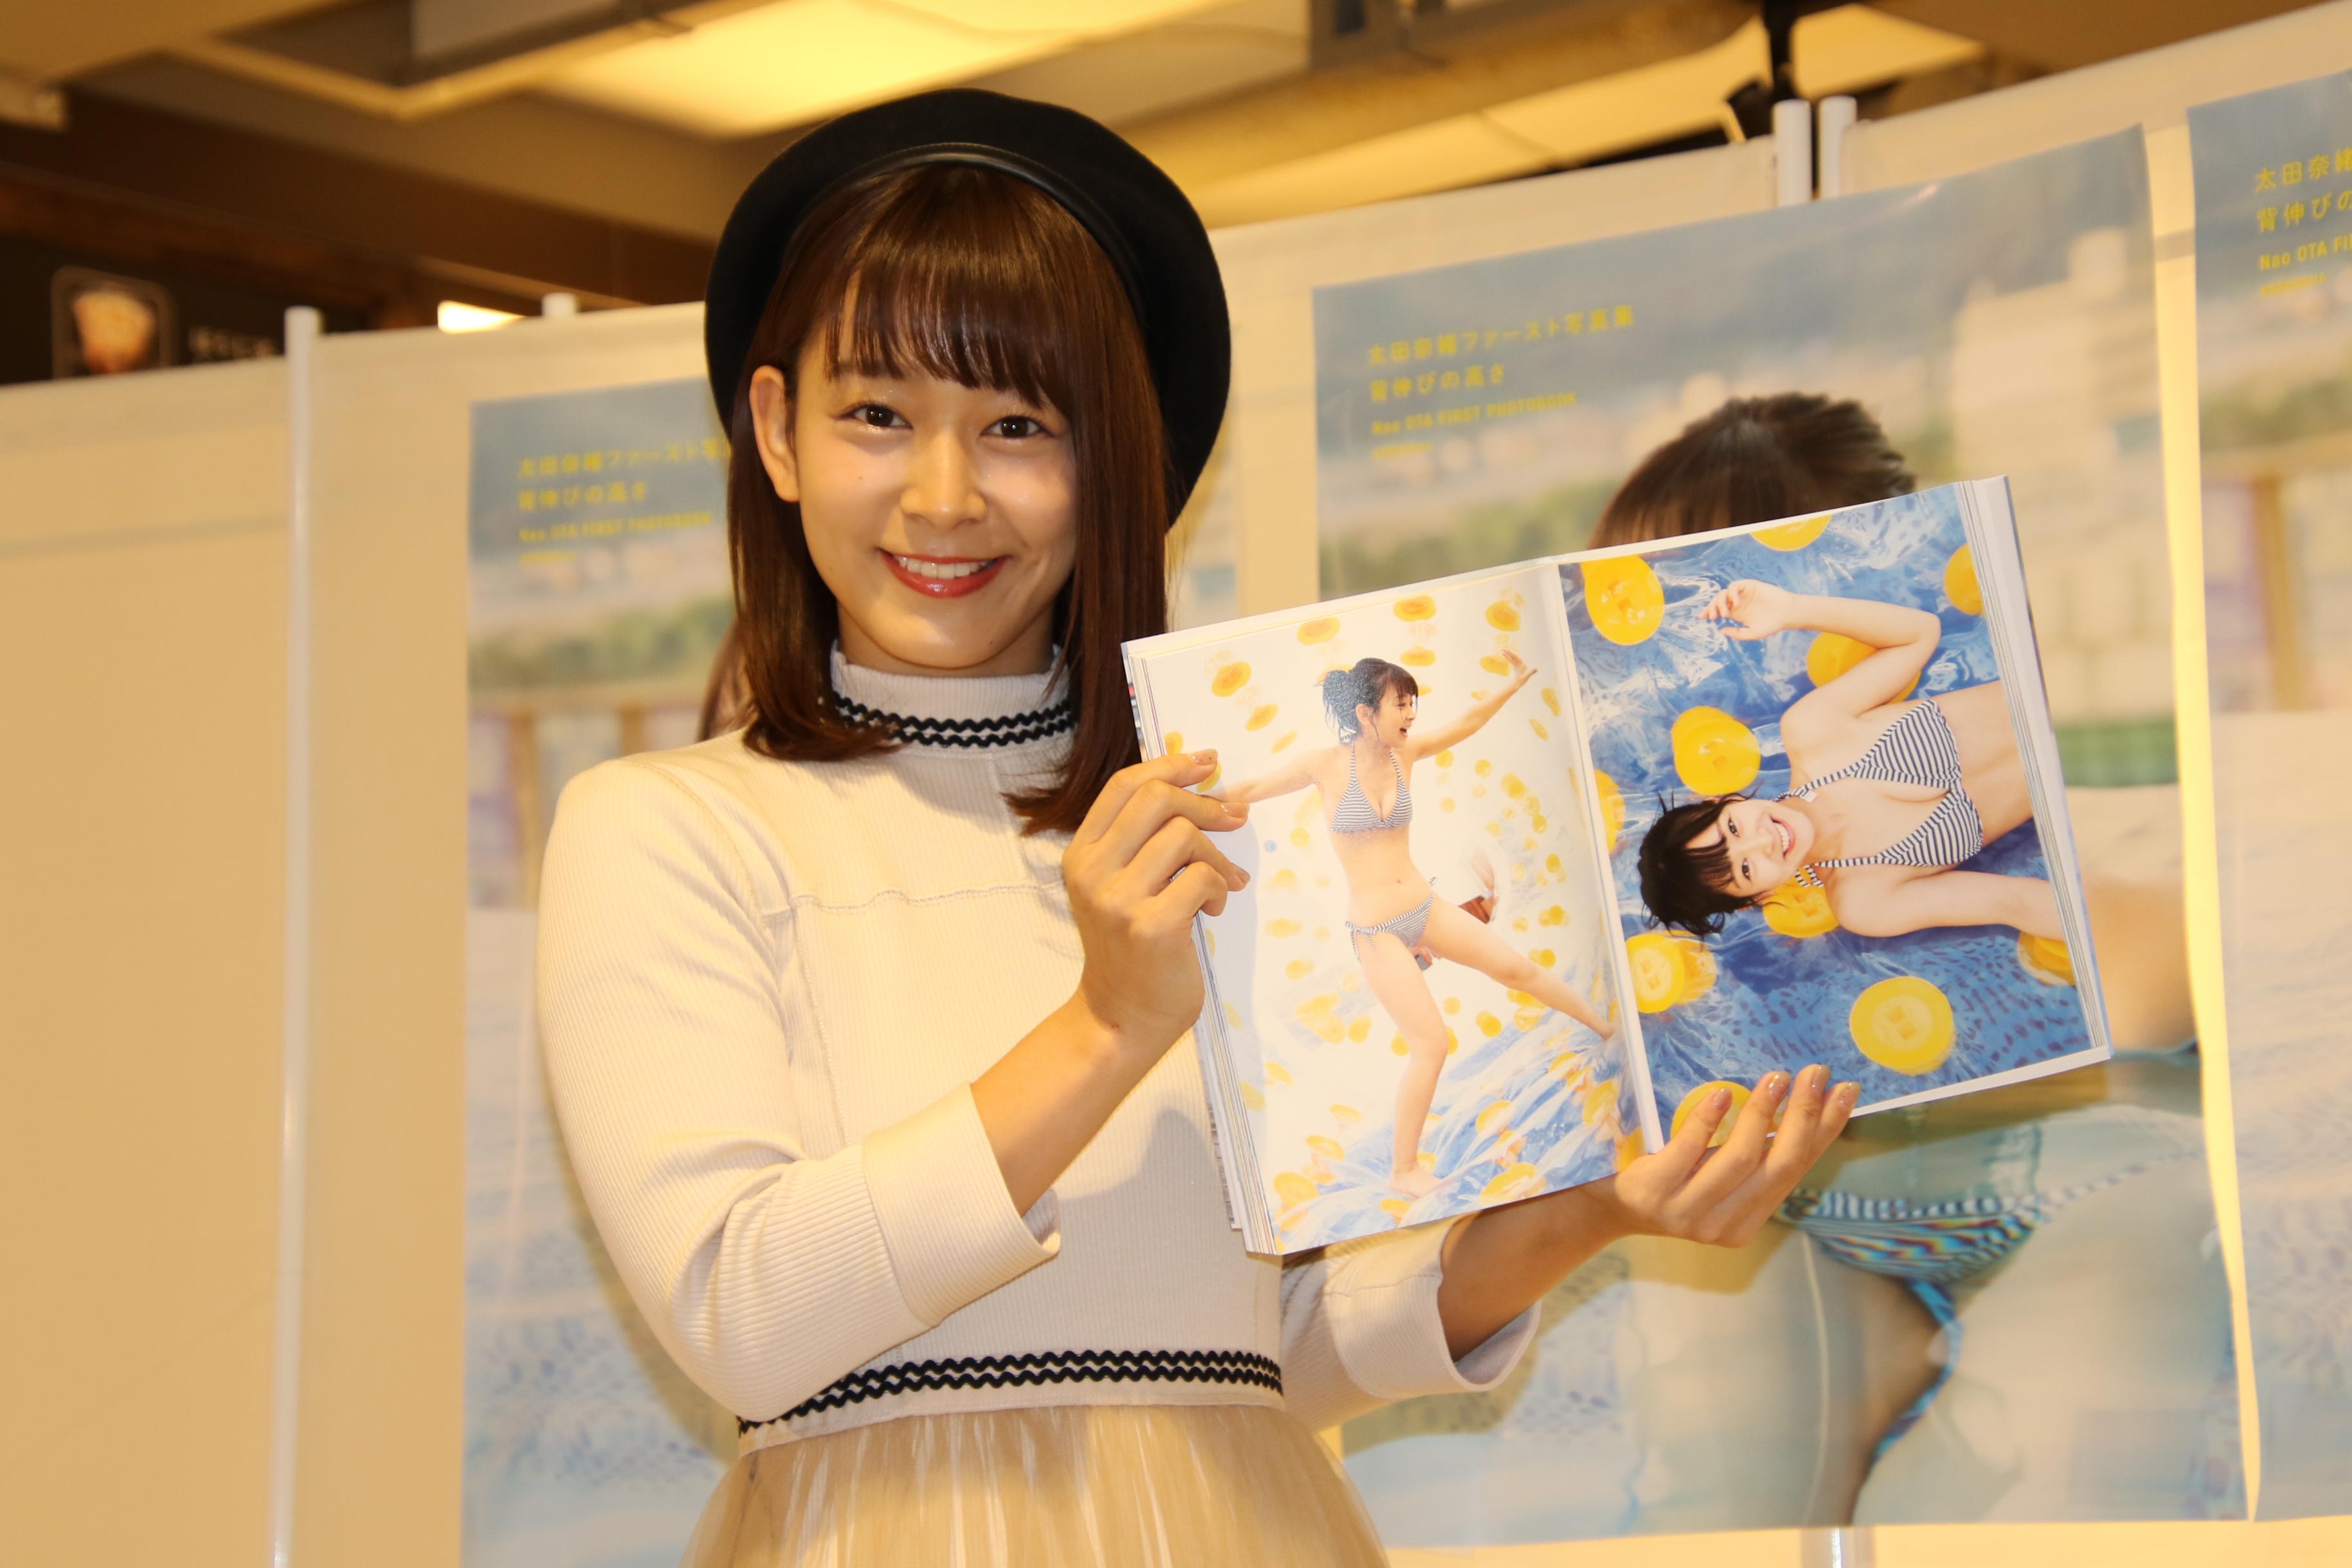 太田奈緒のお気に入りのカットを披露(10月8日に開催された写真集お渡し会前の囲み取材にて)